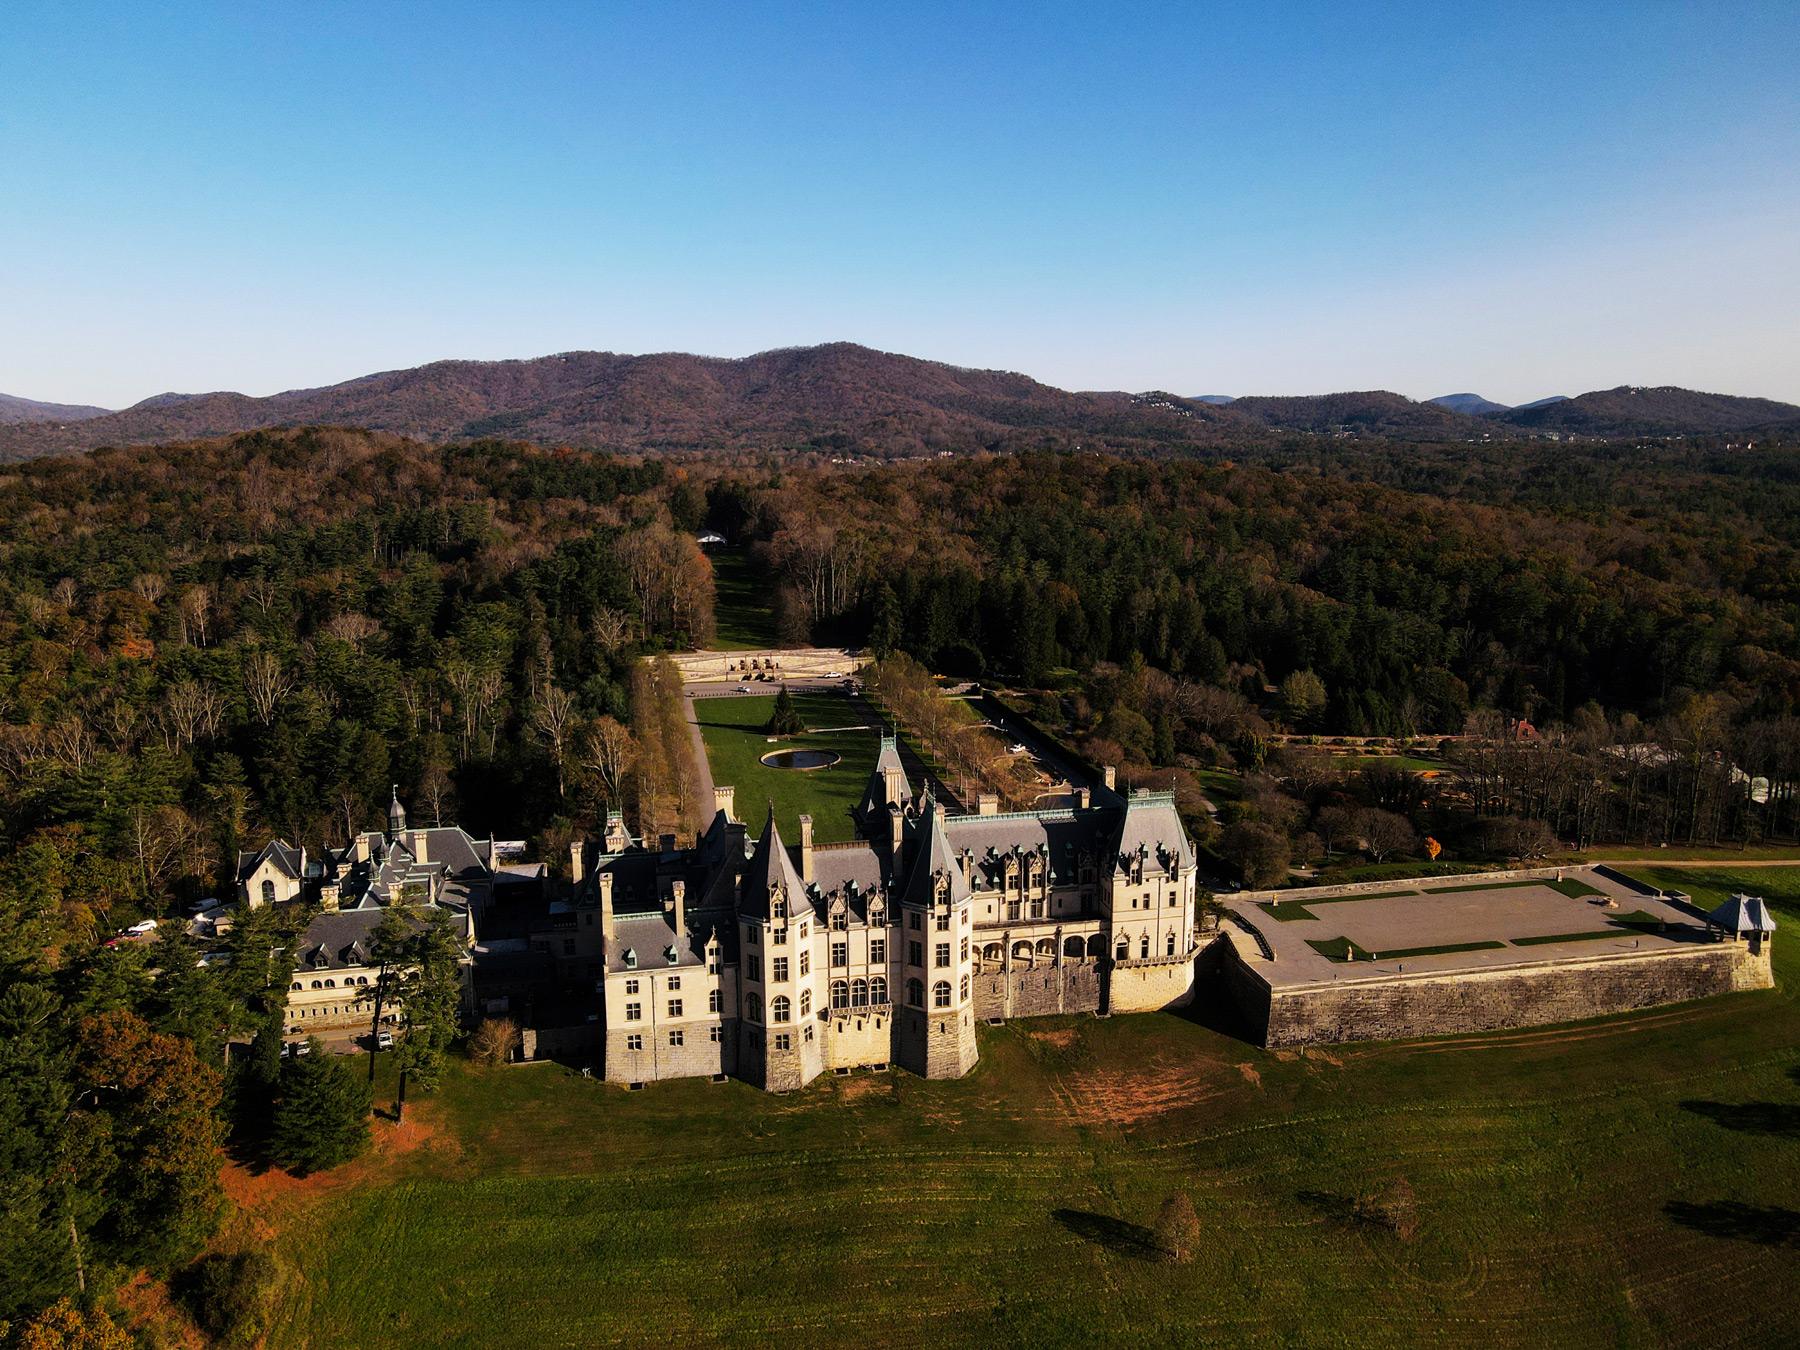 Biltmore Estate in Asheville, NC